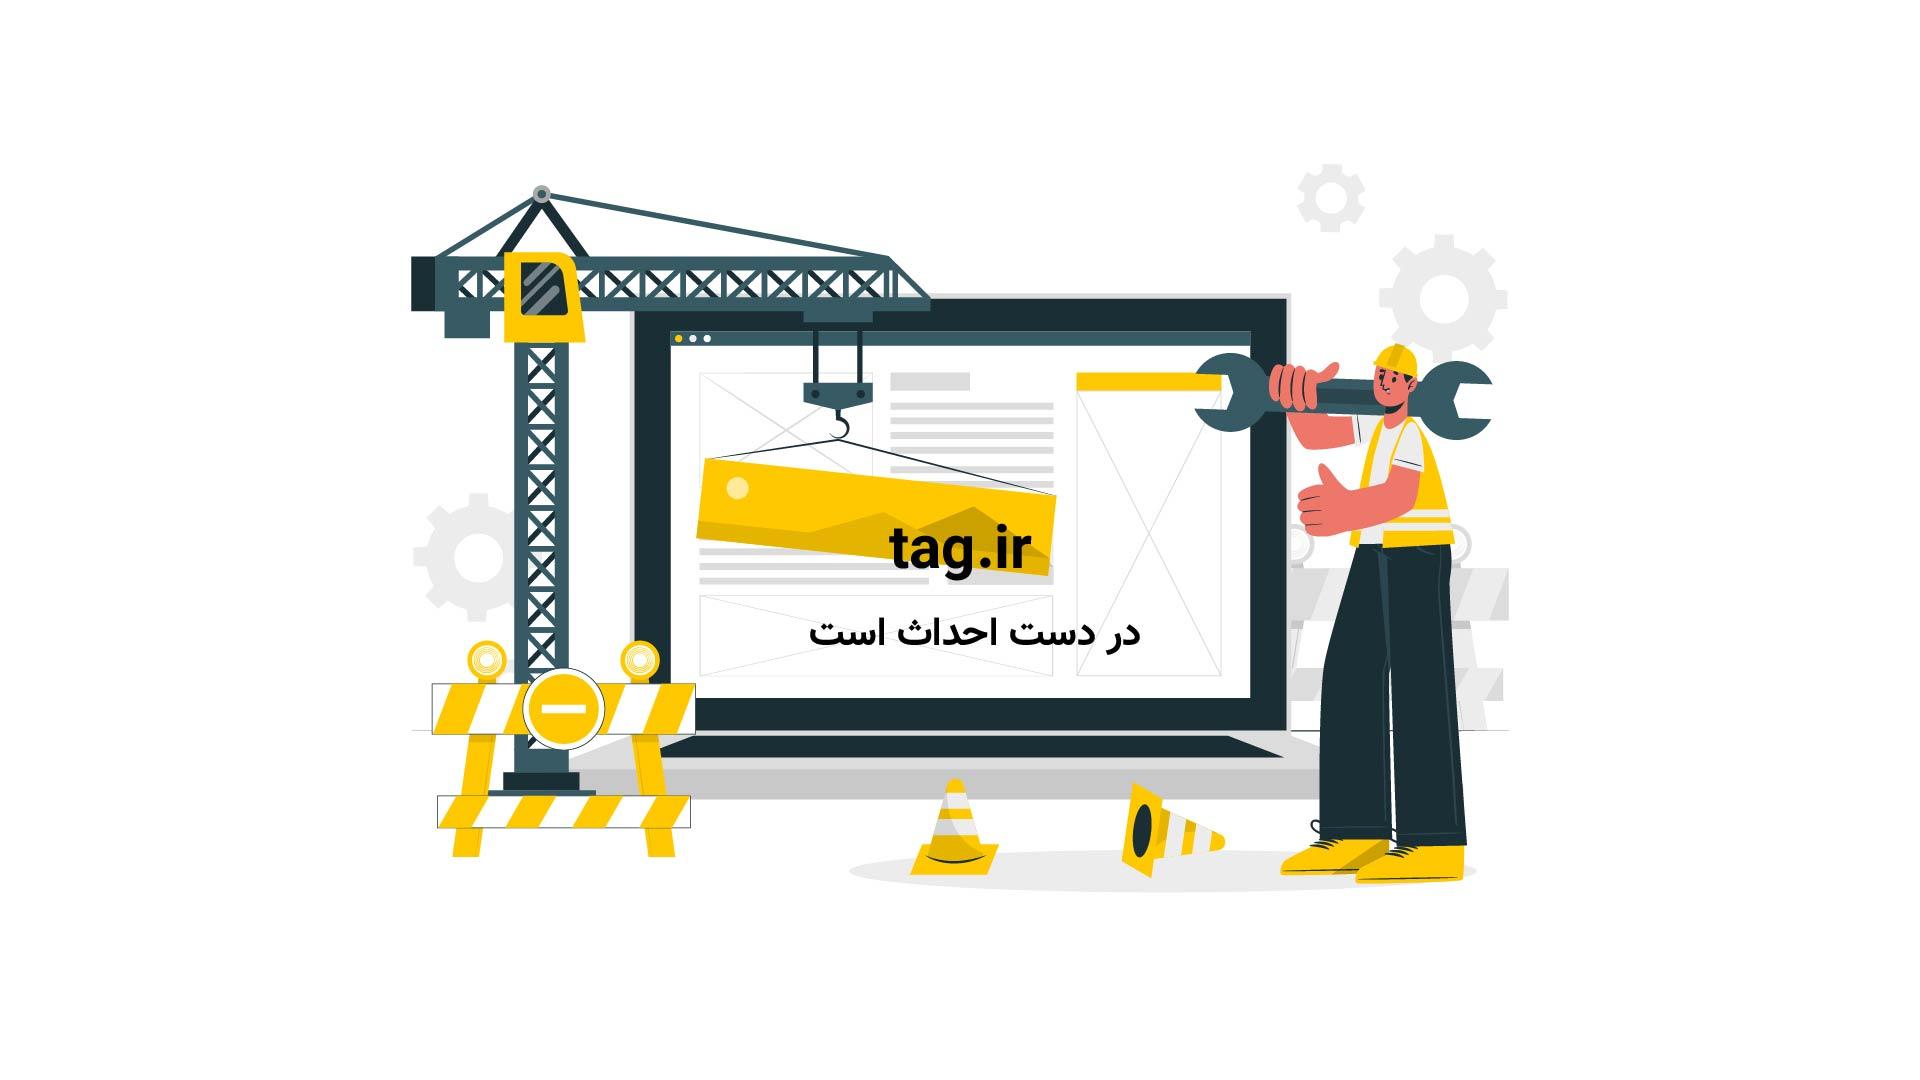 راه حل ایرباس برای حمل و نقل پرسرعت هوایی | فیلم